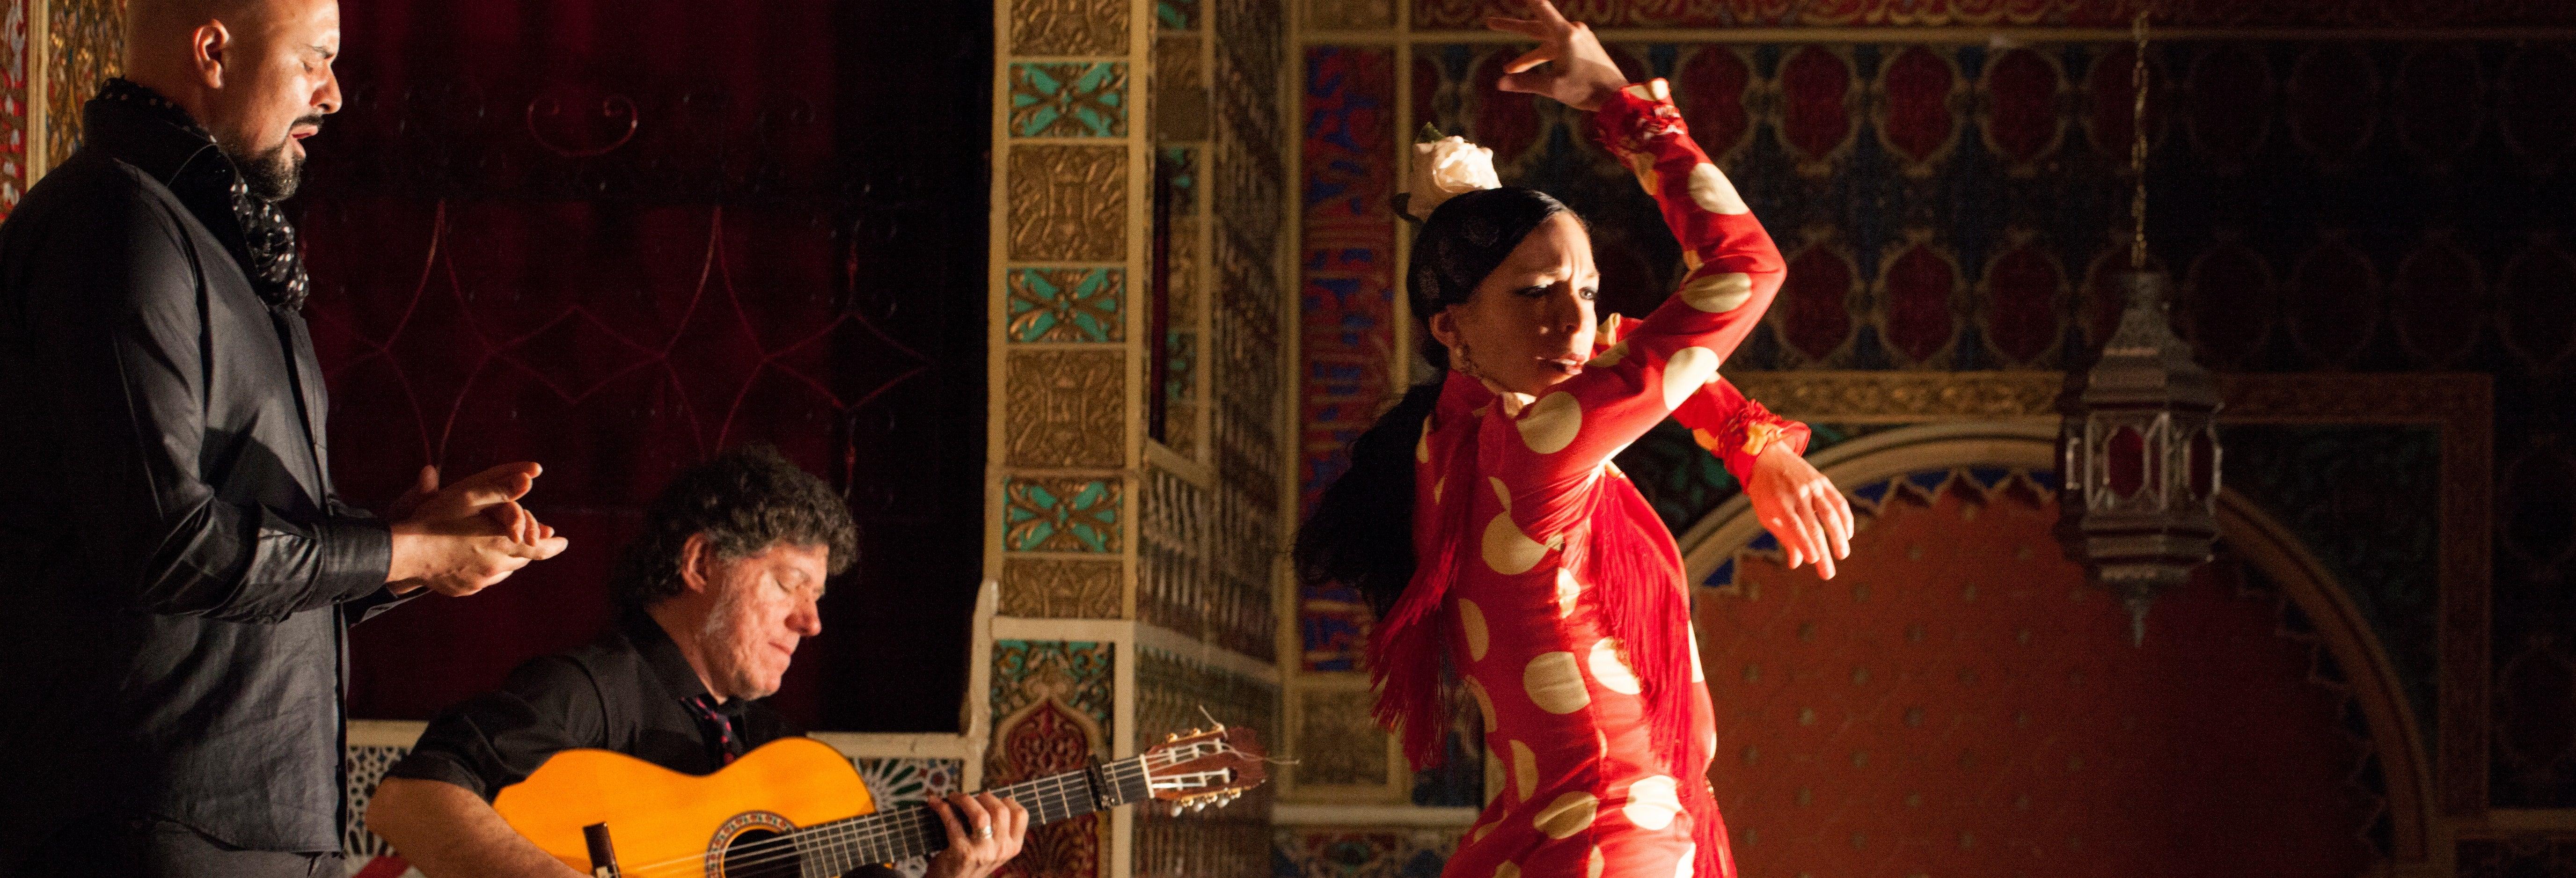 Torre Bermejas Flamenco Show and Dinner